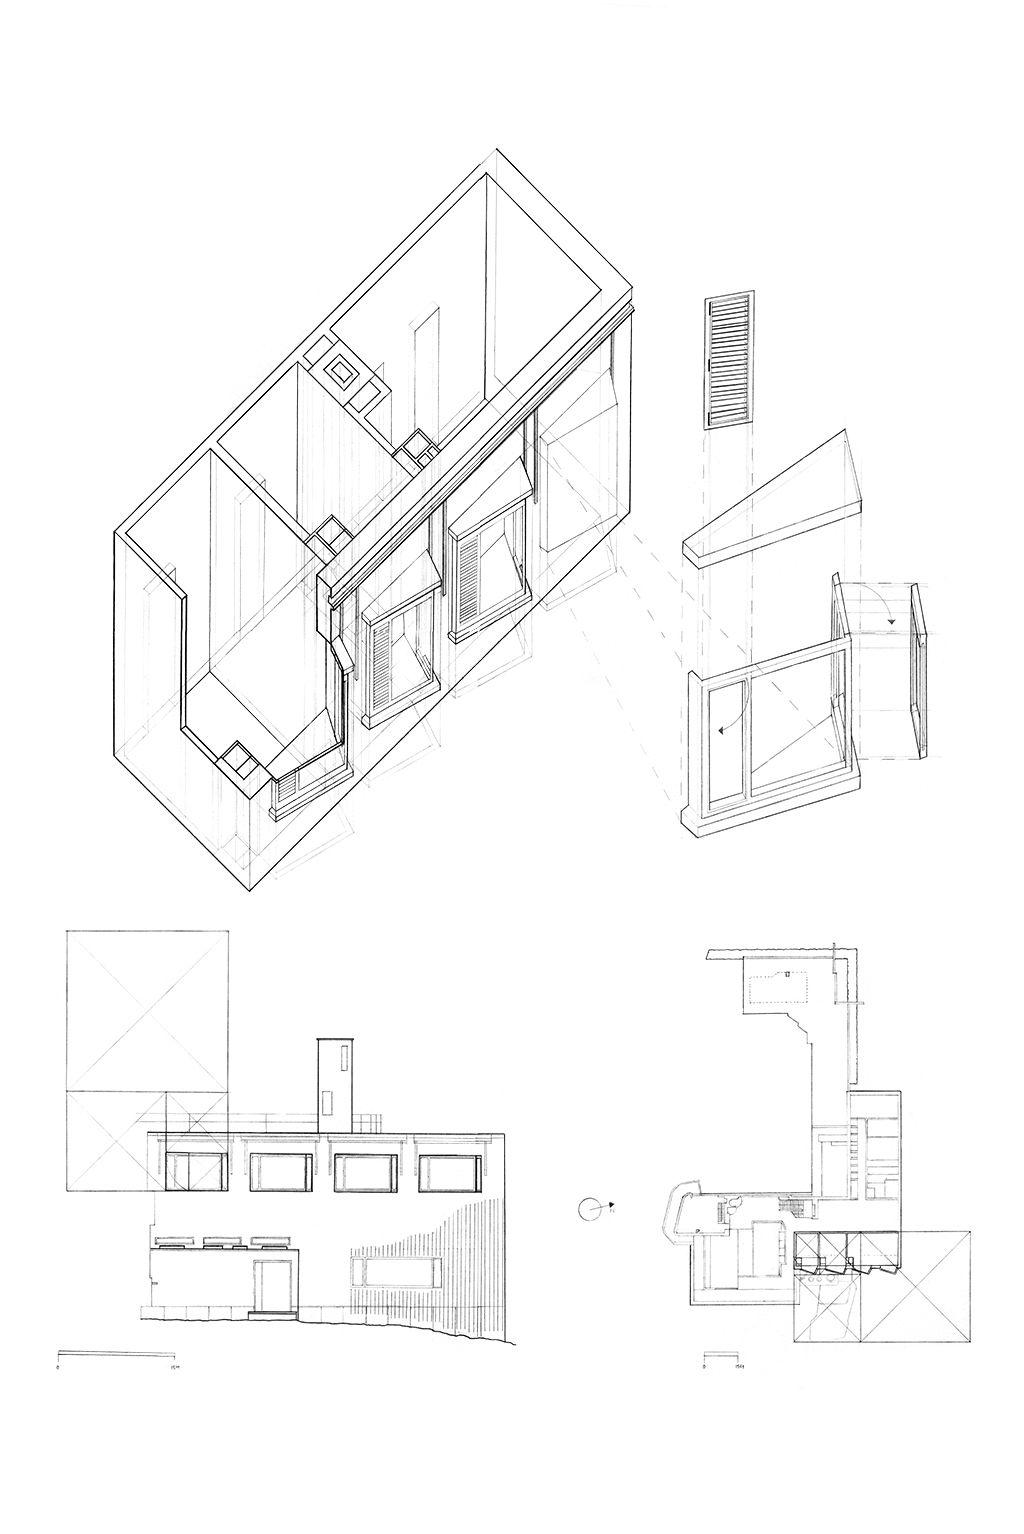 architectural design studio 1. villa mairea study  alvar aalto graphite architecture design studio 1 2005